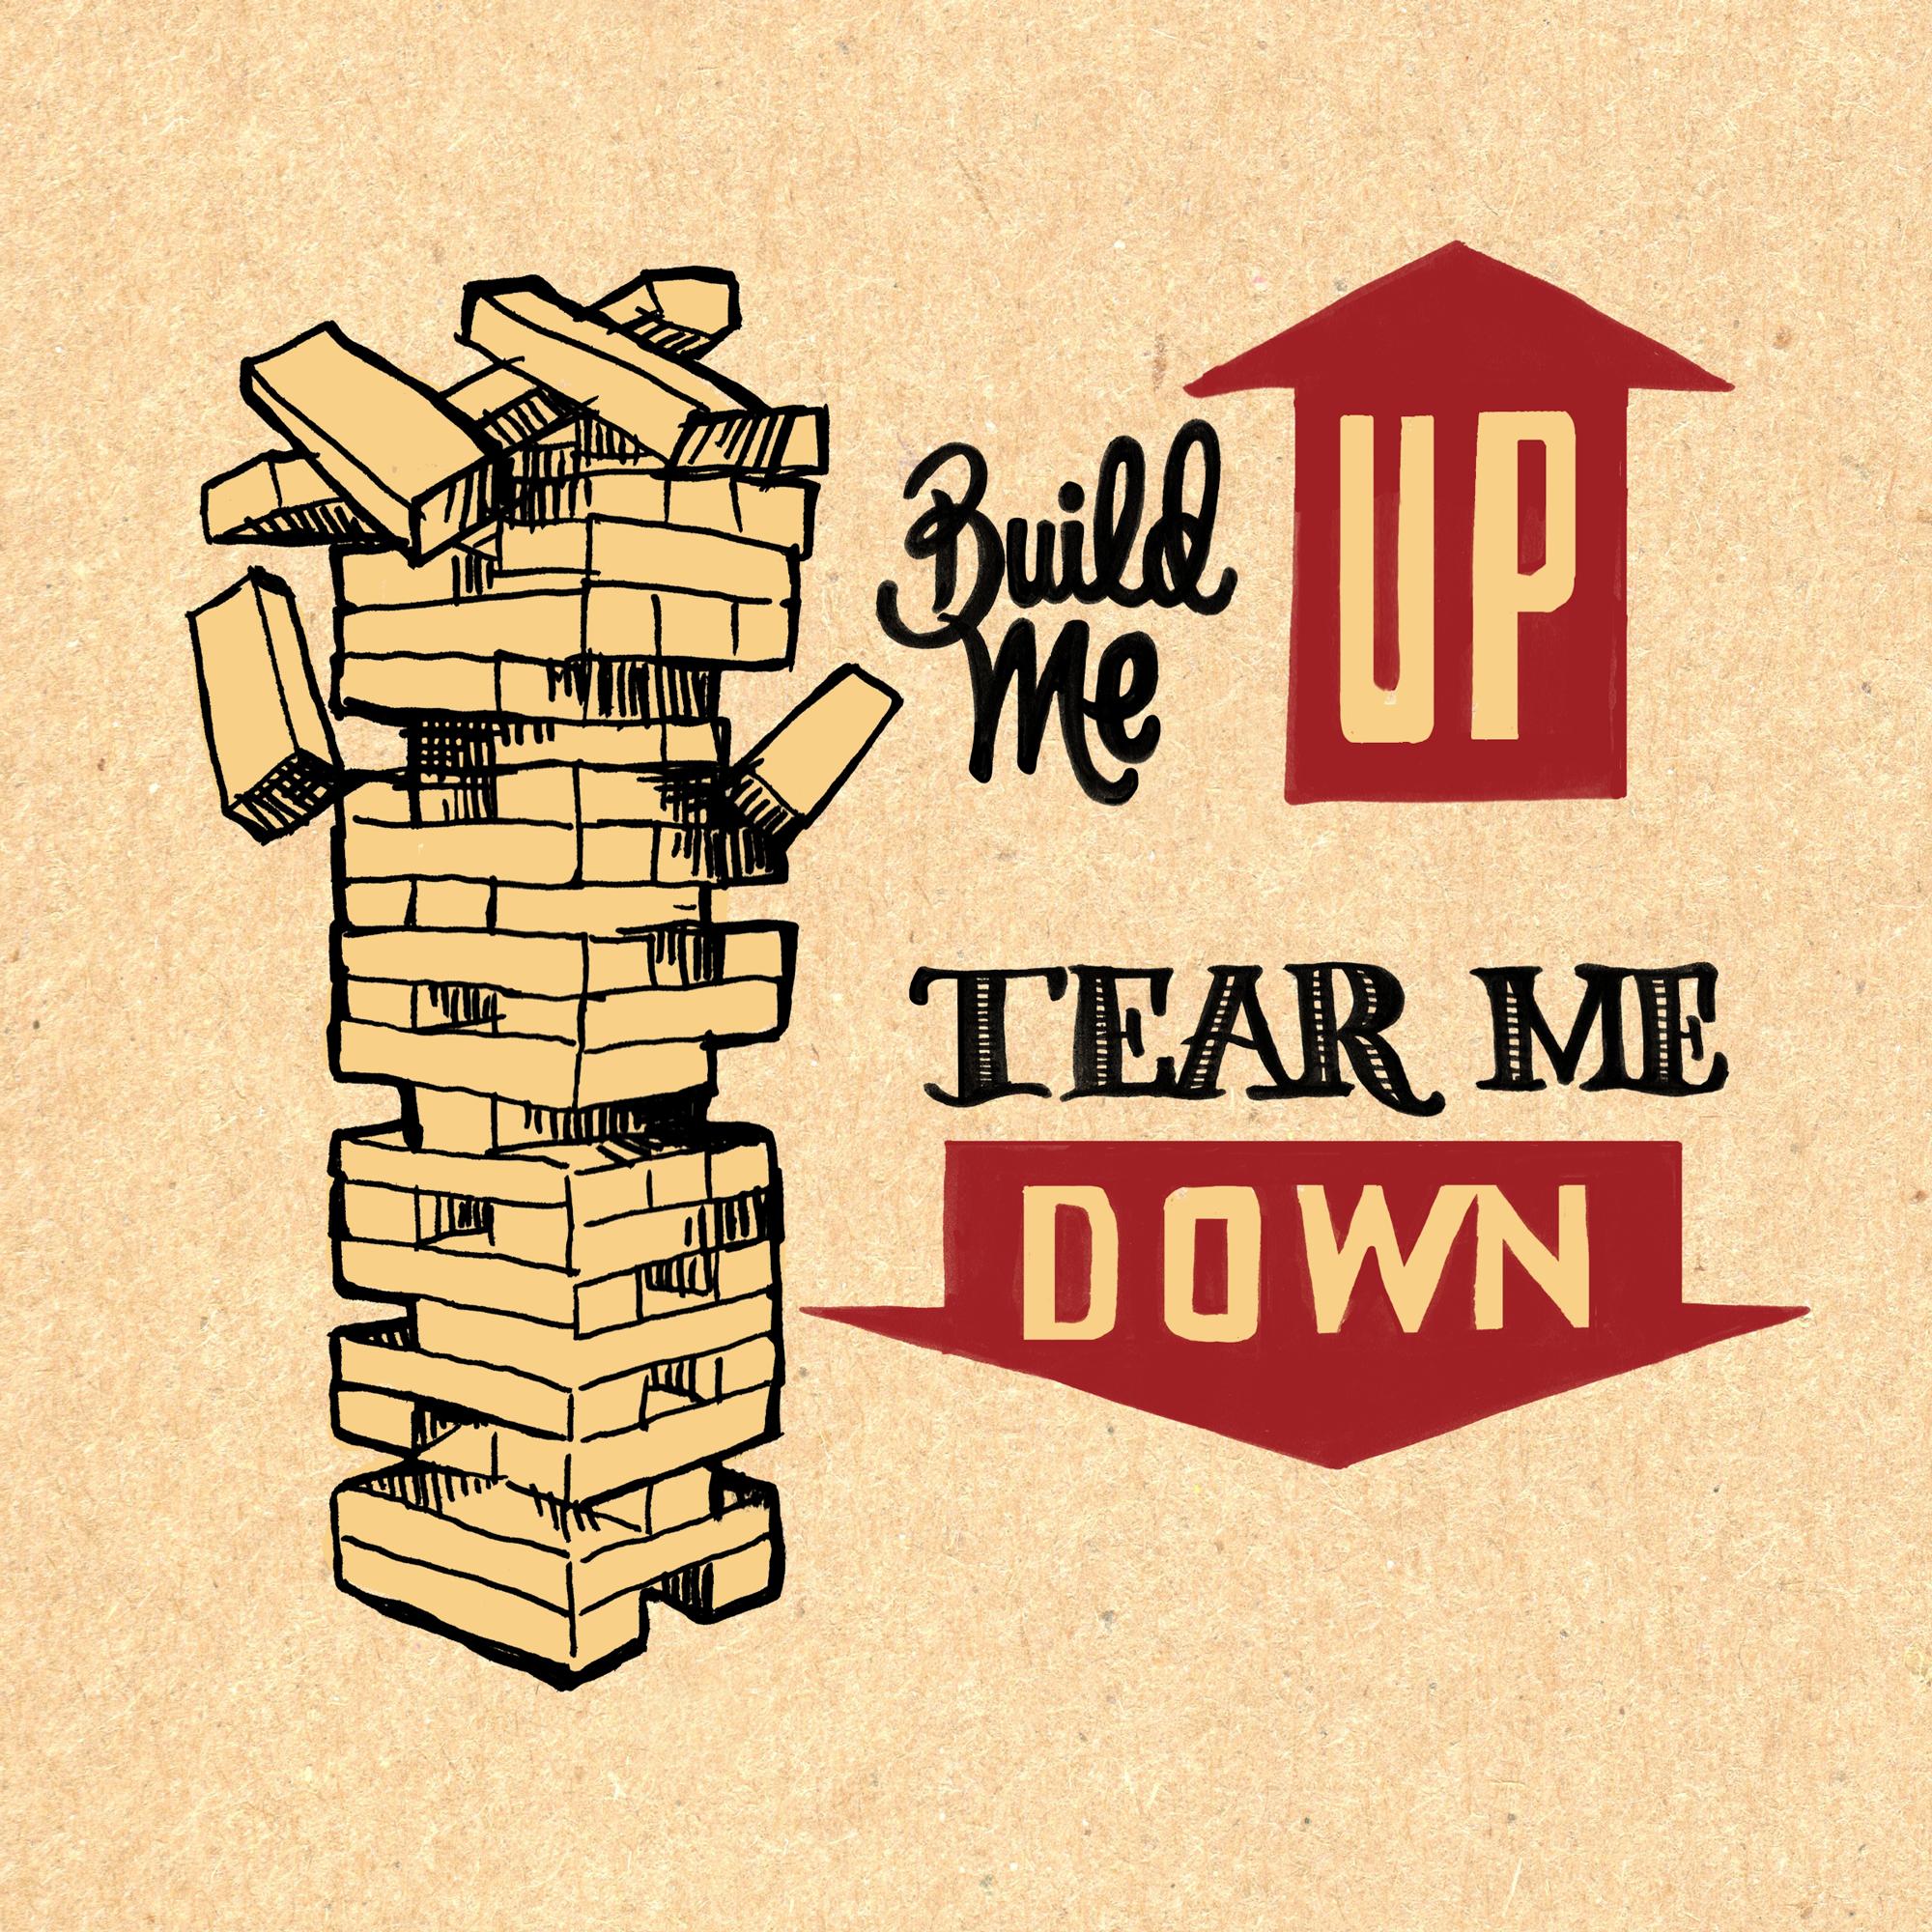 build me up tear me down